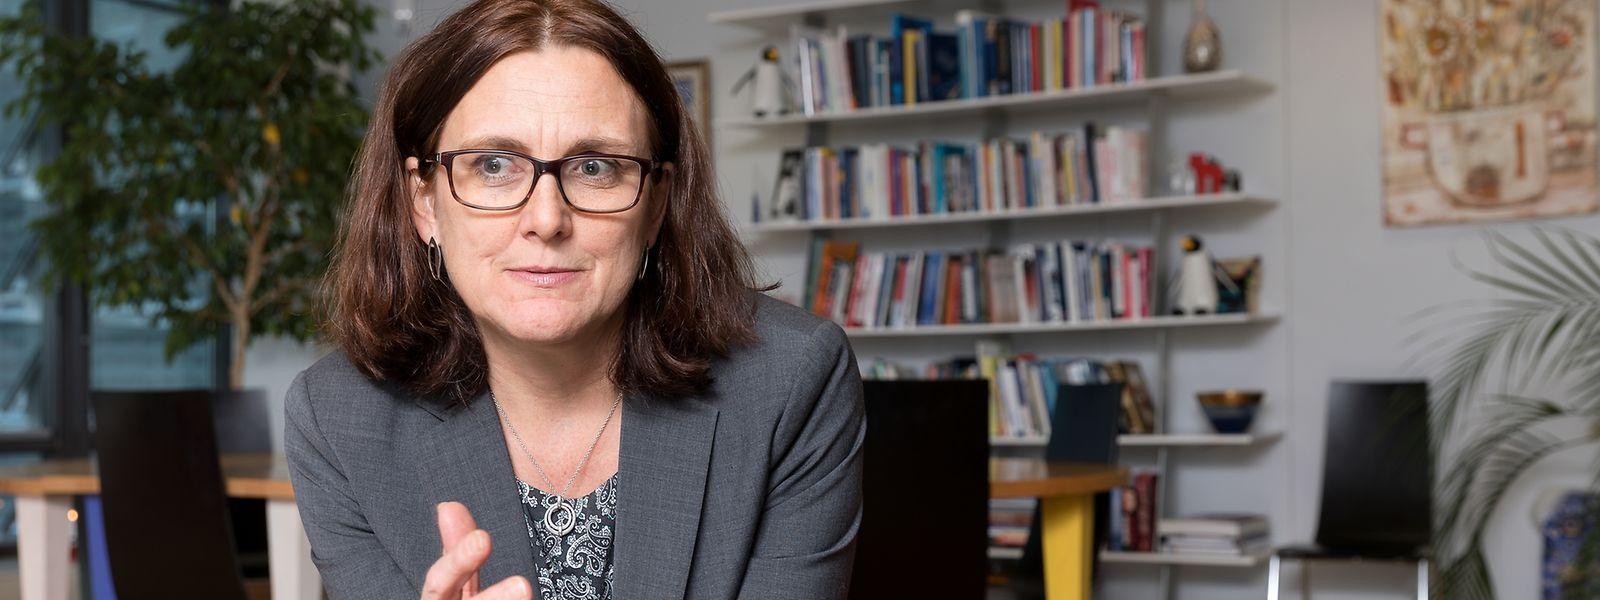 Cecilia Malmström, die EU-Kommissarin für Handel, im Interview.